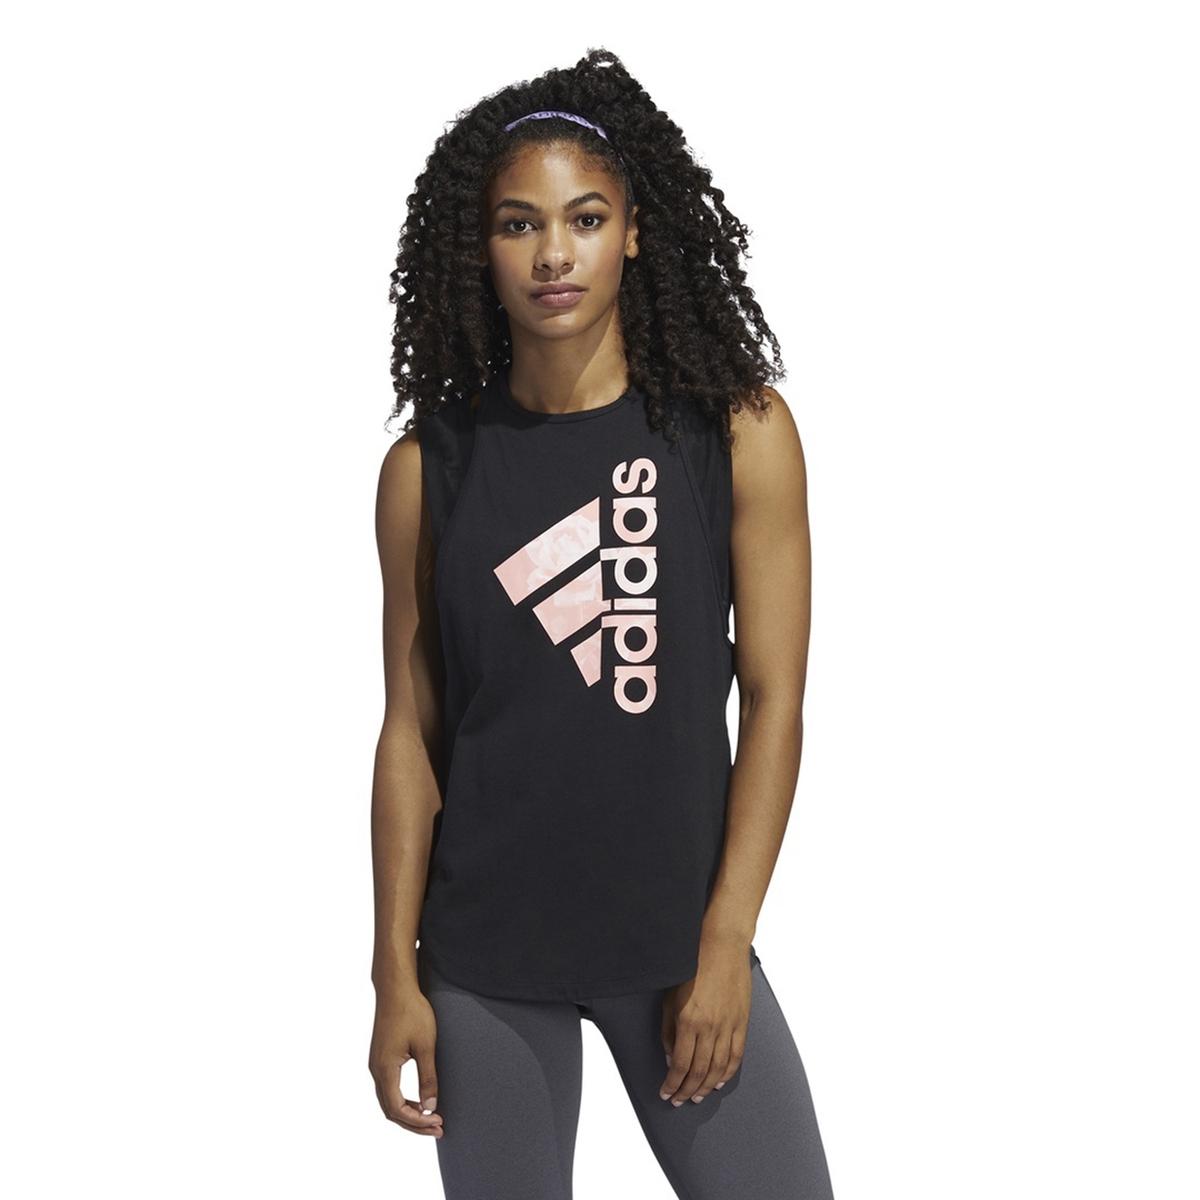 Camiseta de tirantes con espalda estilo nadador Tank